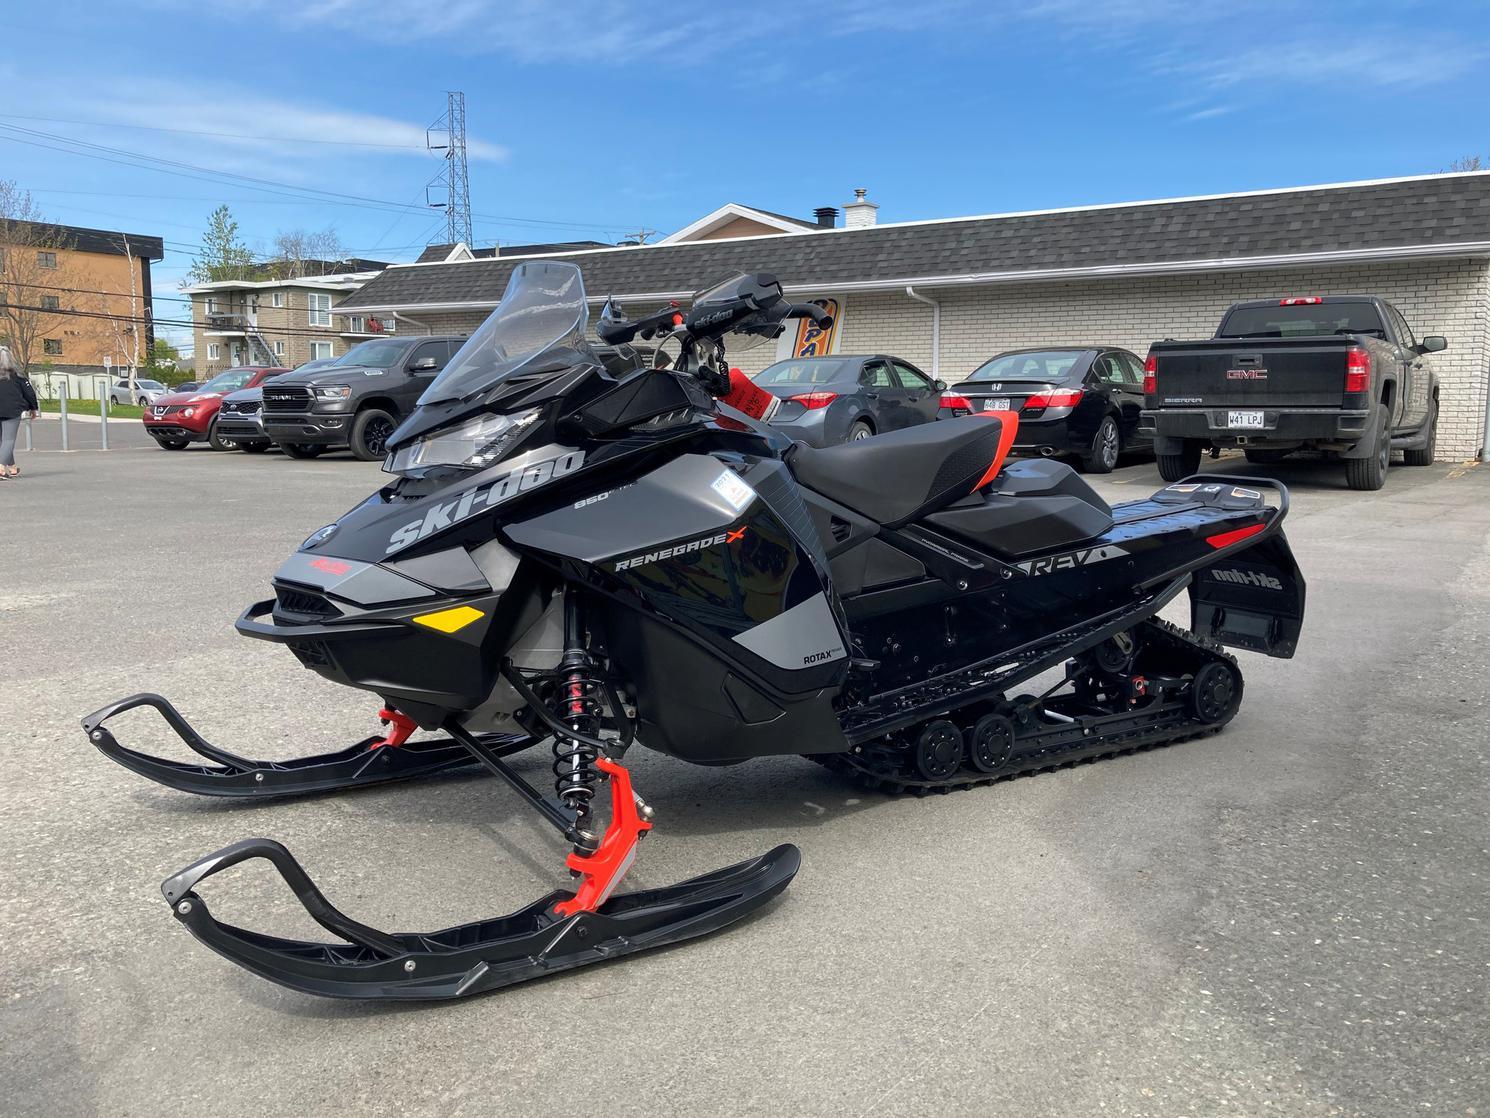 Ski-Doo RENEGADE X 850 2020